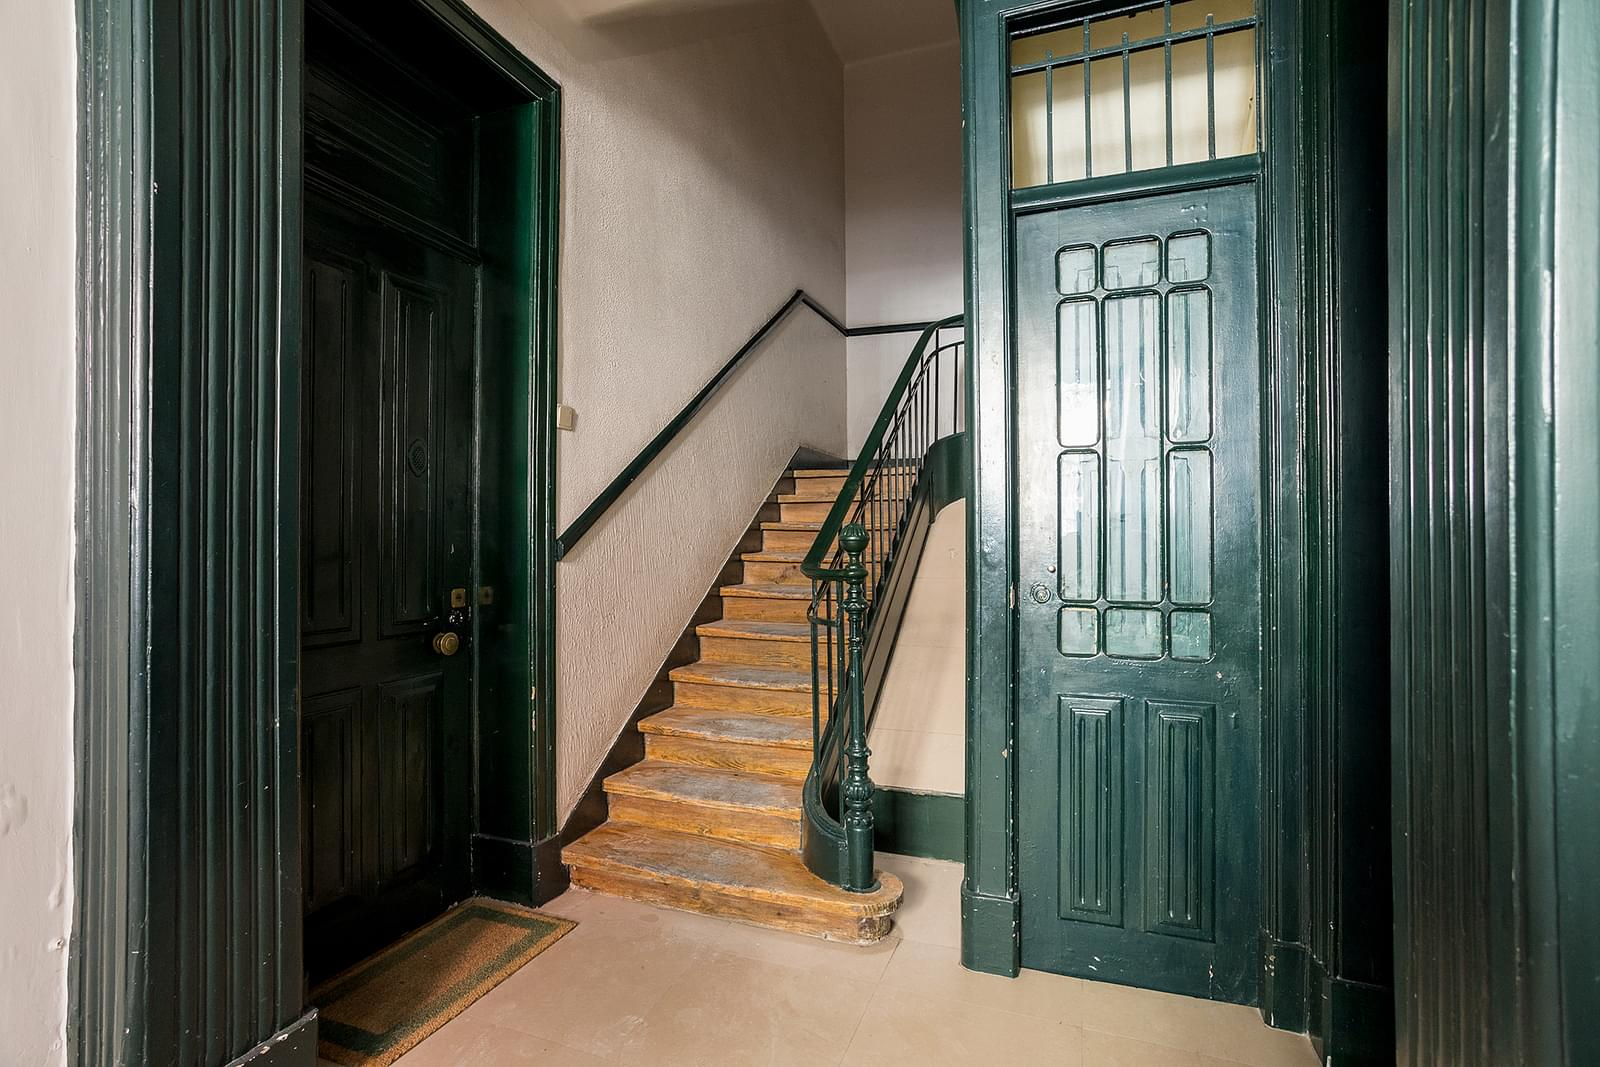 pf17379-apartamento-t3-lisboa-86d5863b-51a1-4bc2-bcda-fb8f593760fc